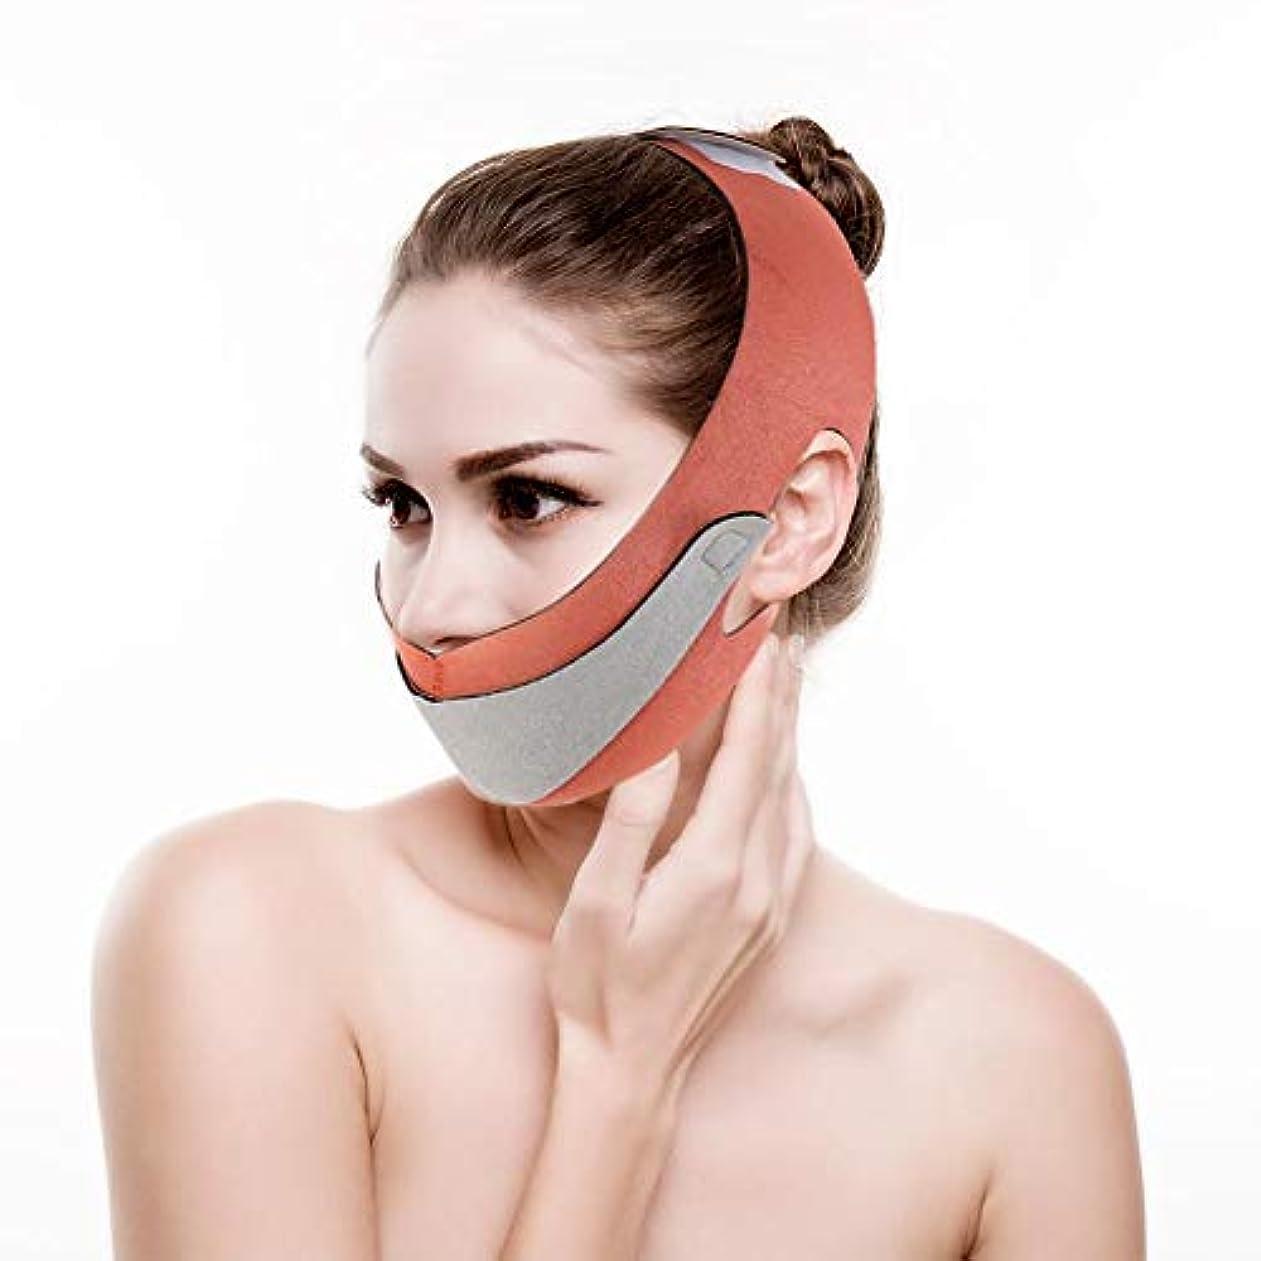 信頼性のある北へベリフェイシャルスリミングマスク プロテクターカバレッジリフティング フェイス減量 ベルト減量 ダブルチェーン スキンケア(2)